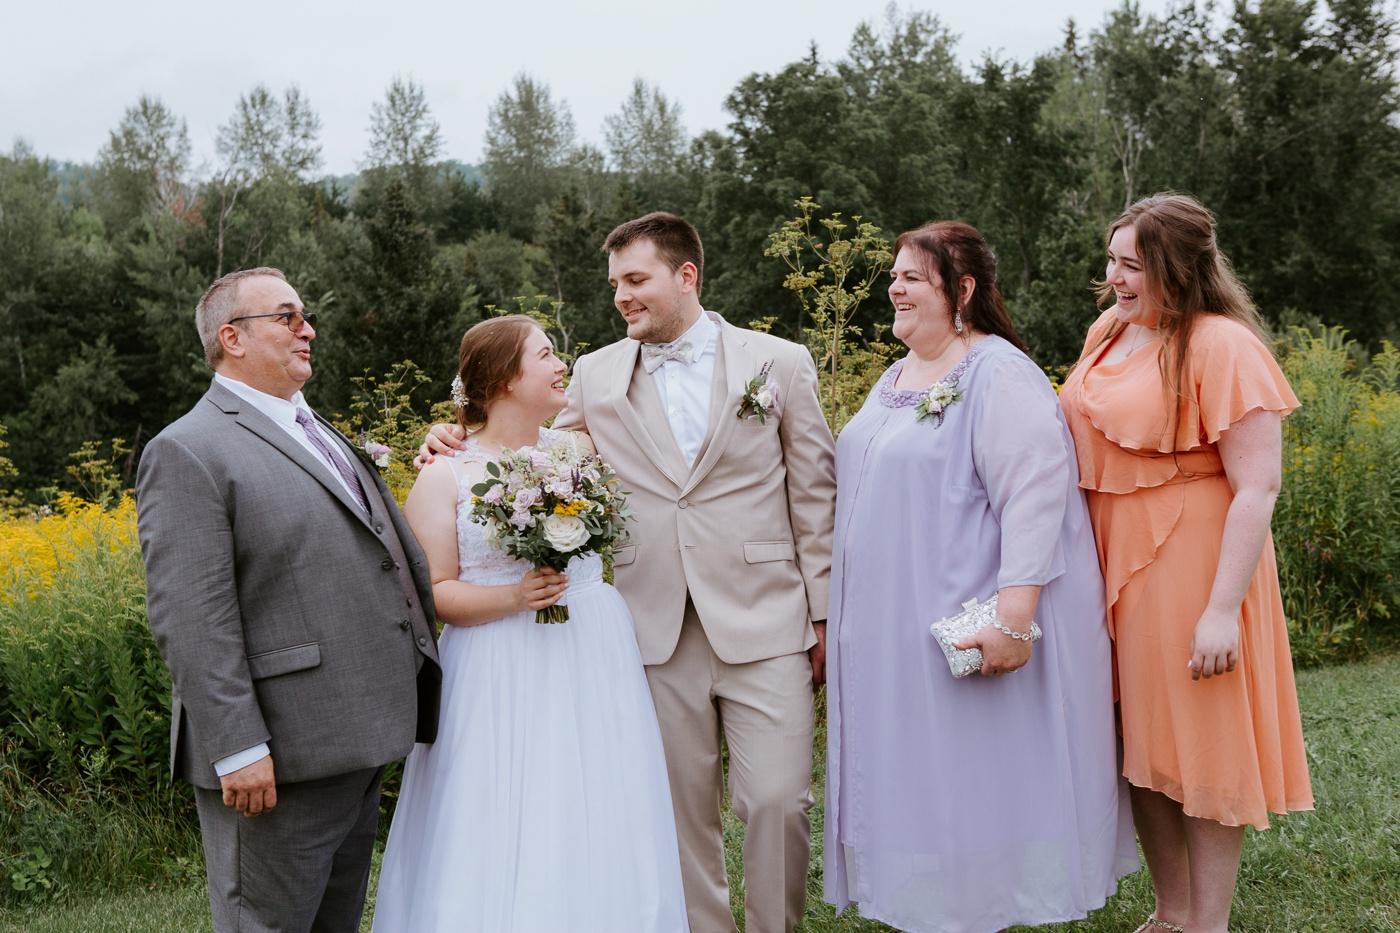 Photographe de mariage à Montréal. Photographe de mariage Mauricie. Photographe de mariage Trois-Rivières. Auberge Le Baluchon. Montreal wedding photographer. Laval wedding photographer.